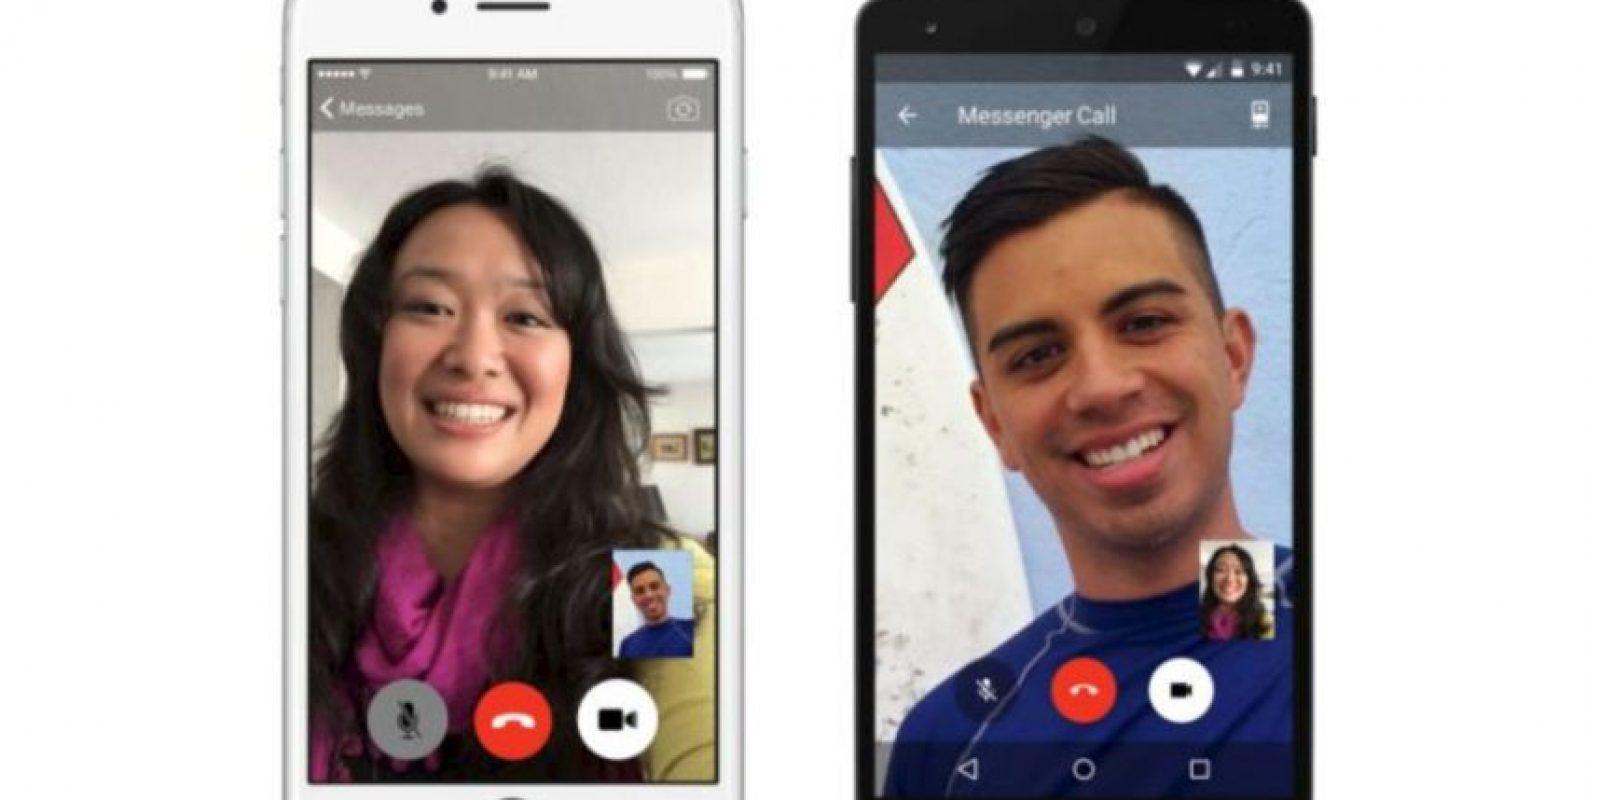 Videollamadas para móviles, disponibles solo para sistemas iOS y Android Foto:Facebook